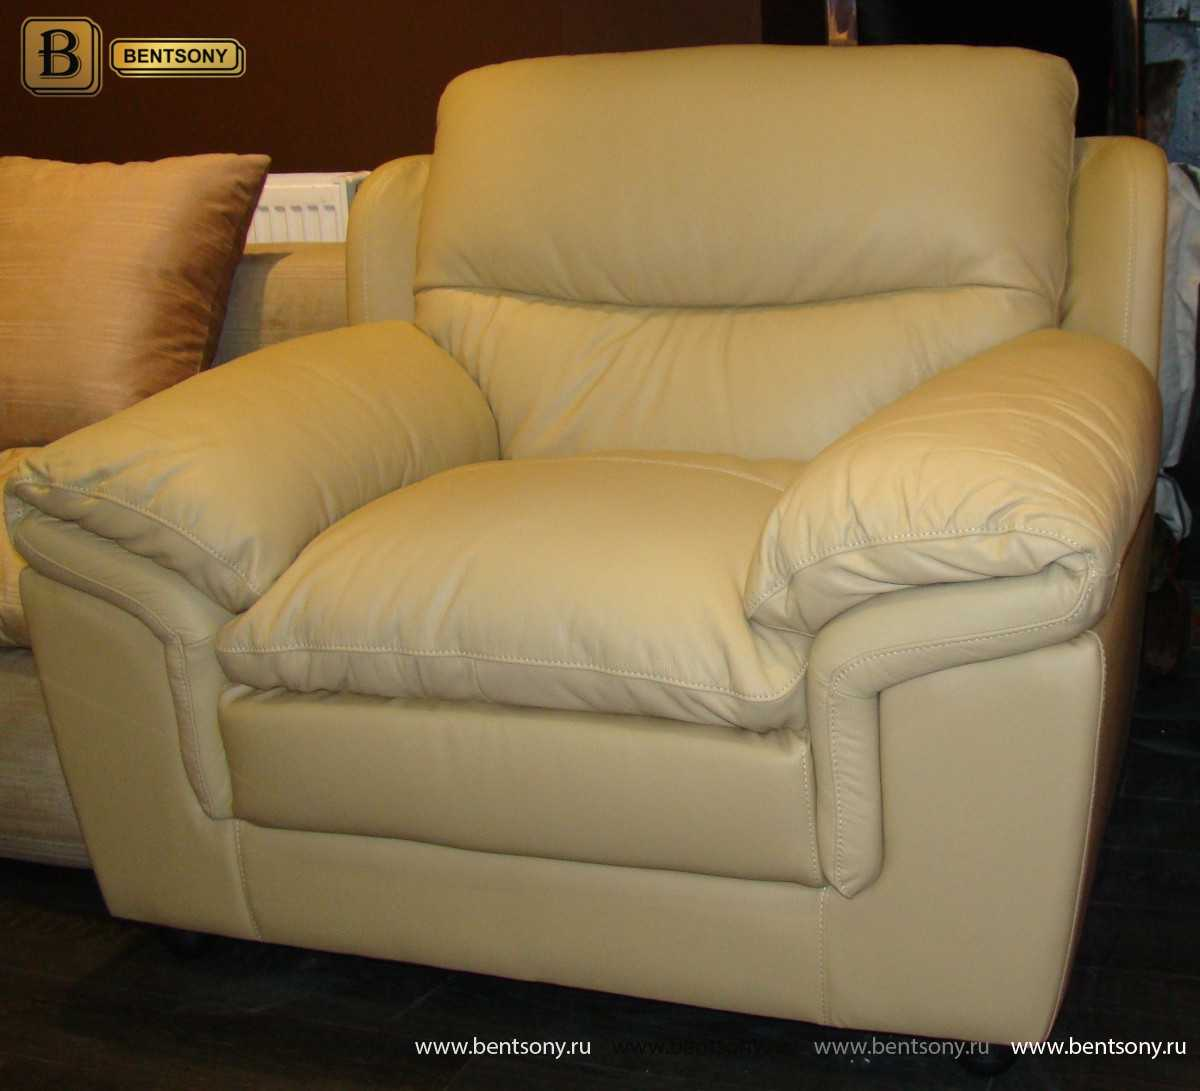 Кресло Маниани цена